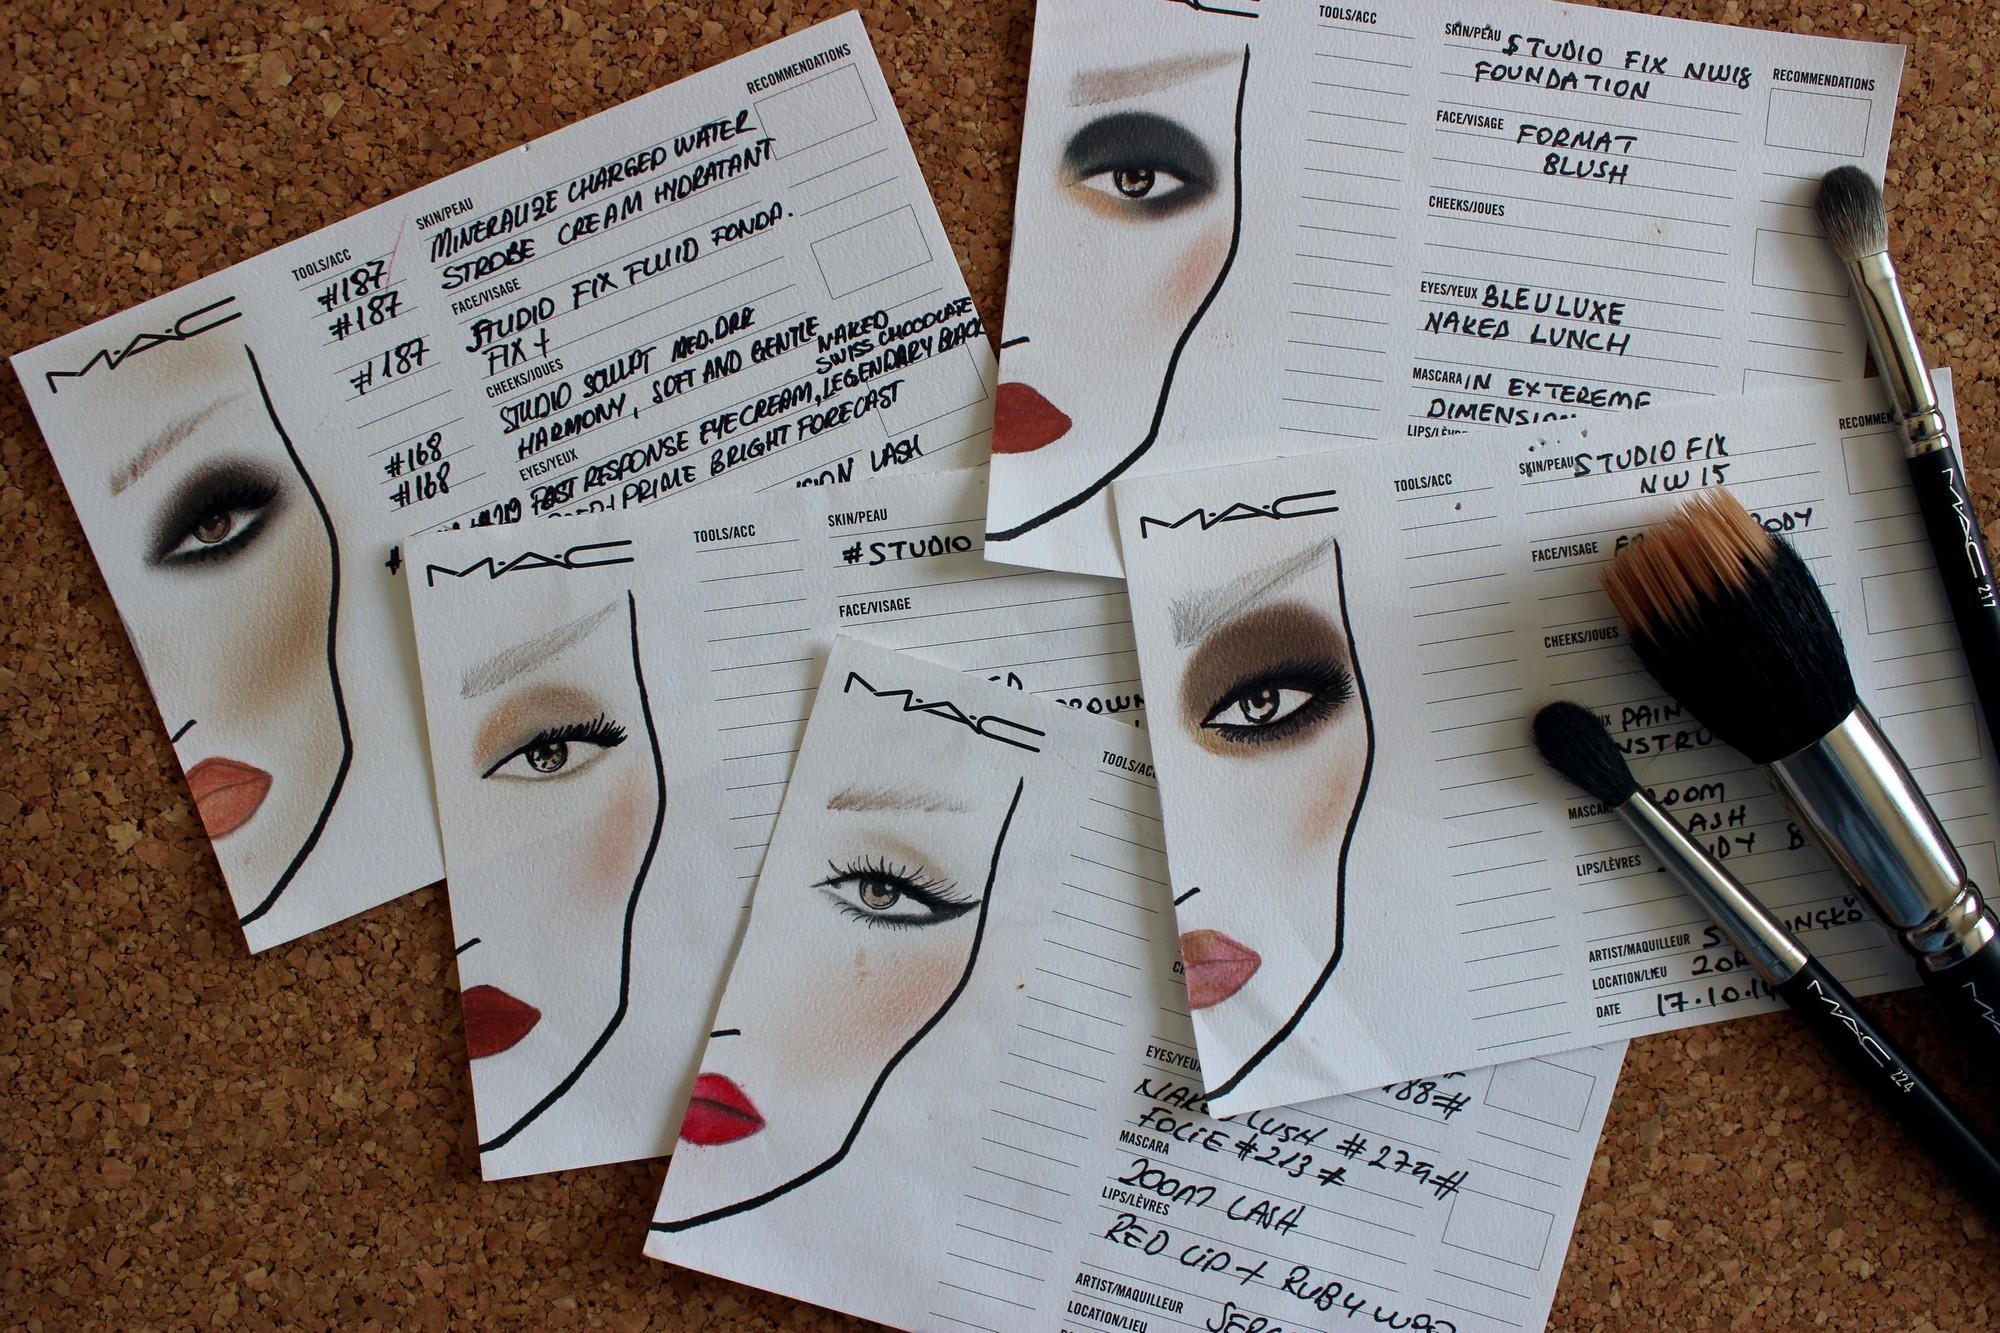 sacmakyaj, mac kozmetik, mac makyaj derleri, aveda, saç ve makyaj, moda haftası makyajı, moda haftası saçı, dita von teese makyajı, grease saçı, örgü topuz, ıslak görünüm, saç ve makyaj modelleri, vaglı saç modelleri, kıvırcık saç modelleri